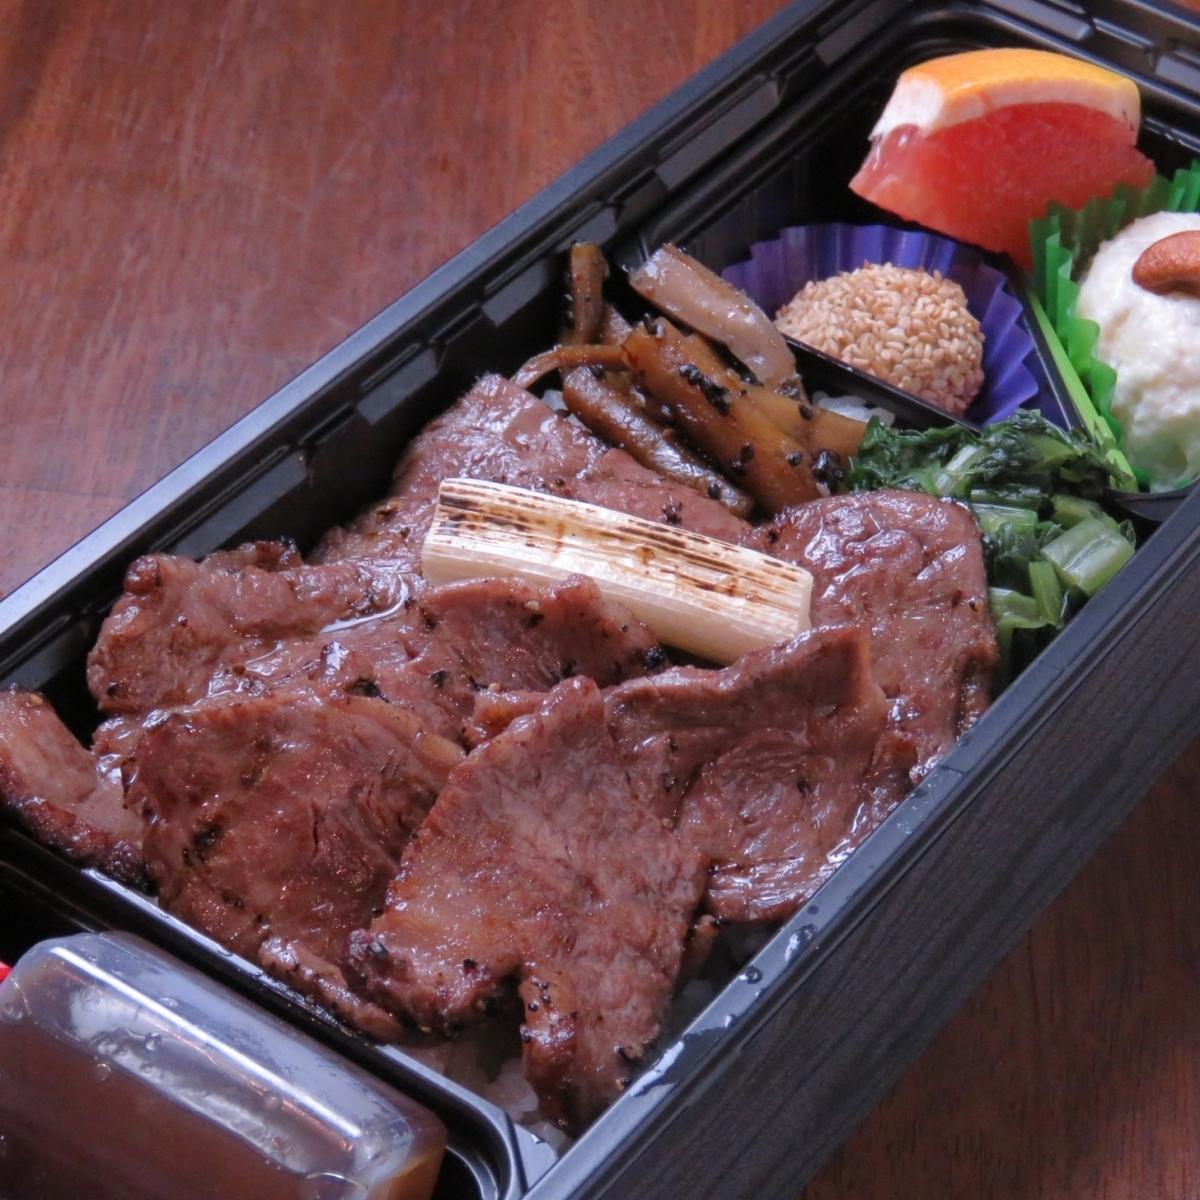 흑우 숯불 구이 도시락 / 특선 쇠고기 숯불 구이 도시락